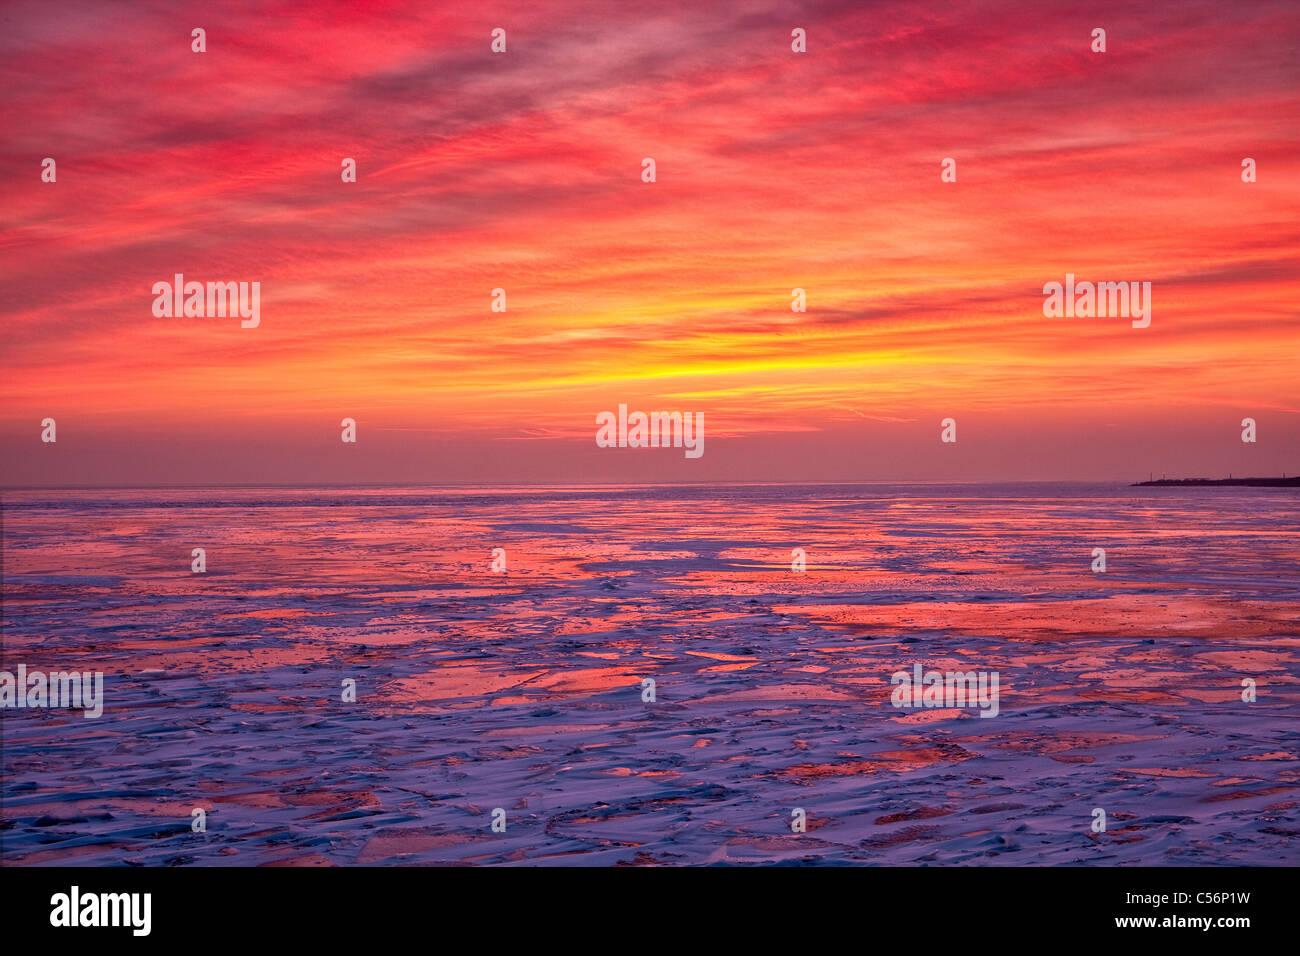 Les Pays-Bas, Oosterdijk, hiver, neige, vue sur lac gelé appelé IJsselmeer. Le lever du soleil. Photo Stock